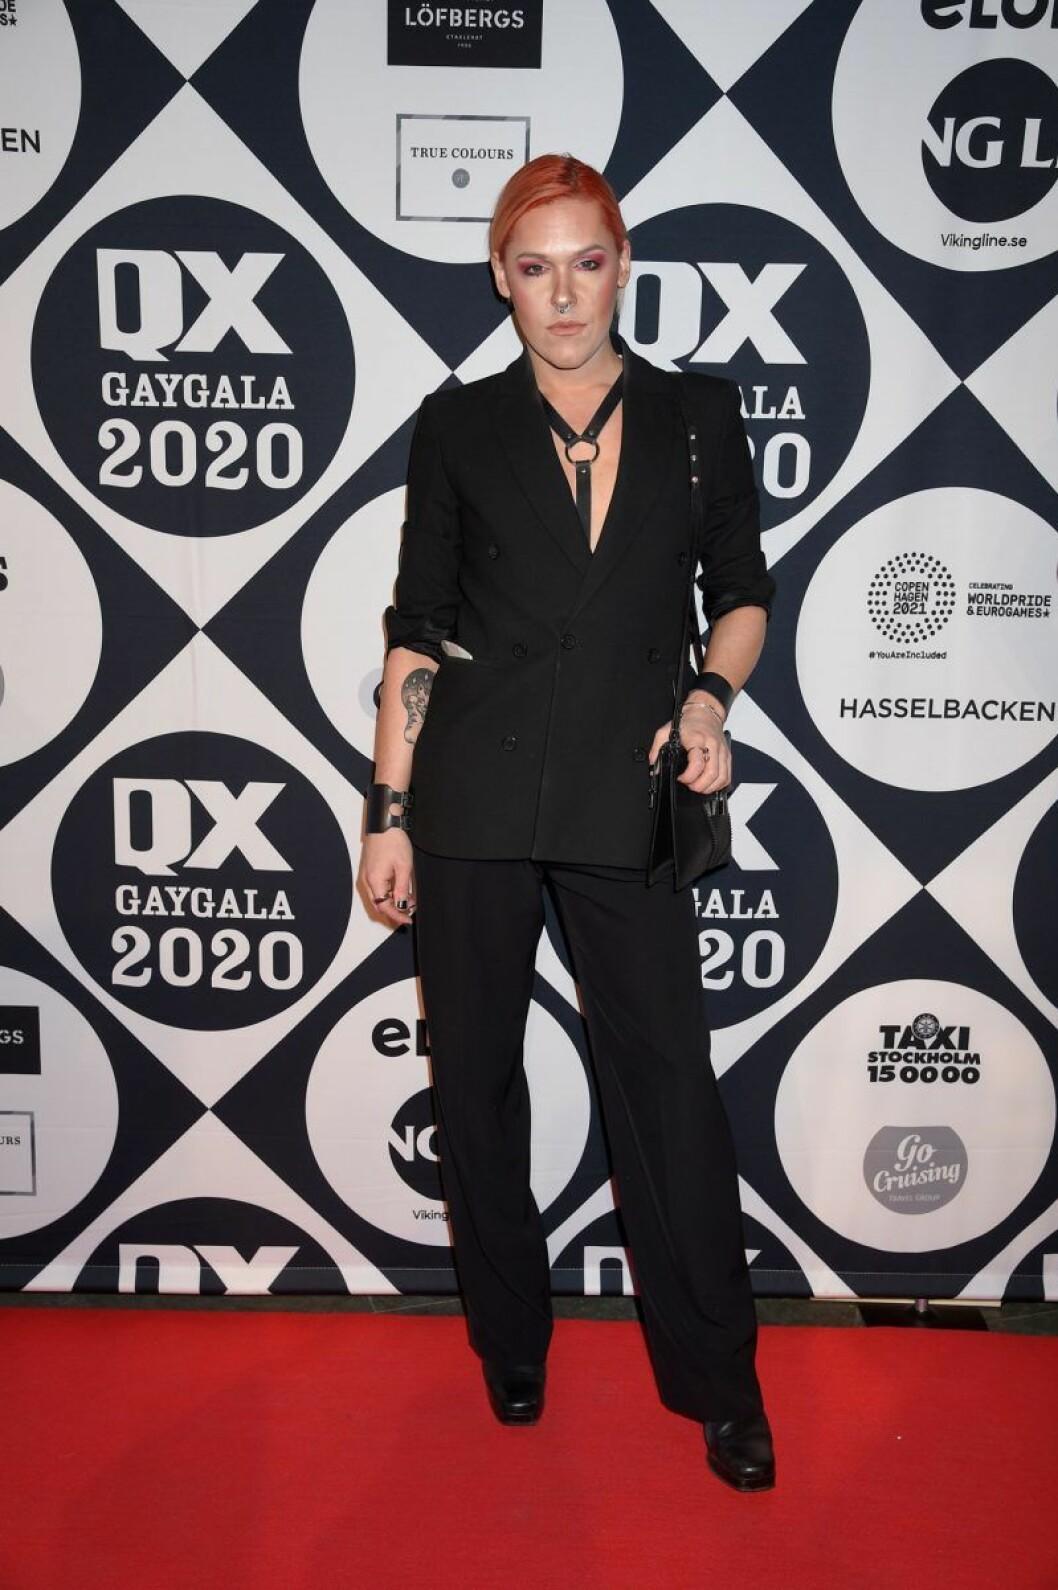 Saga Becker på röda mattan på QX-galan 2020